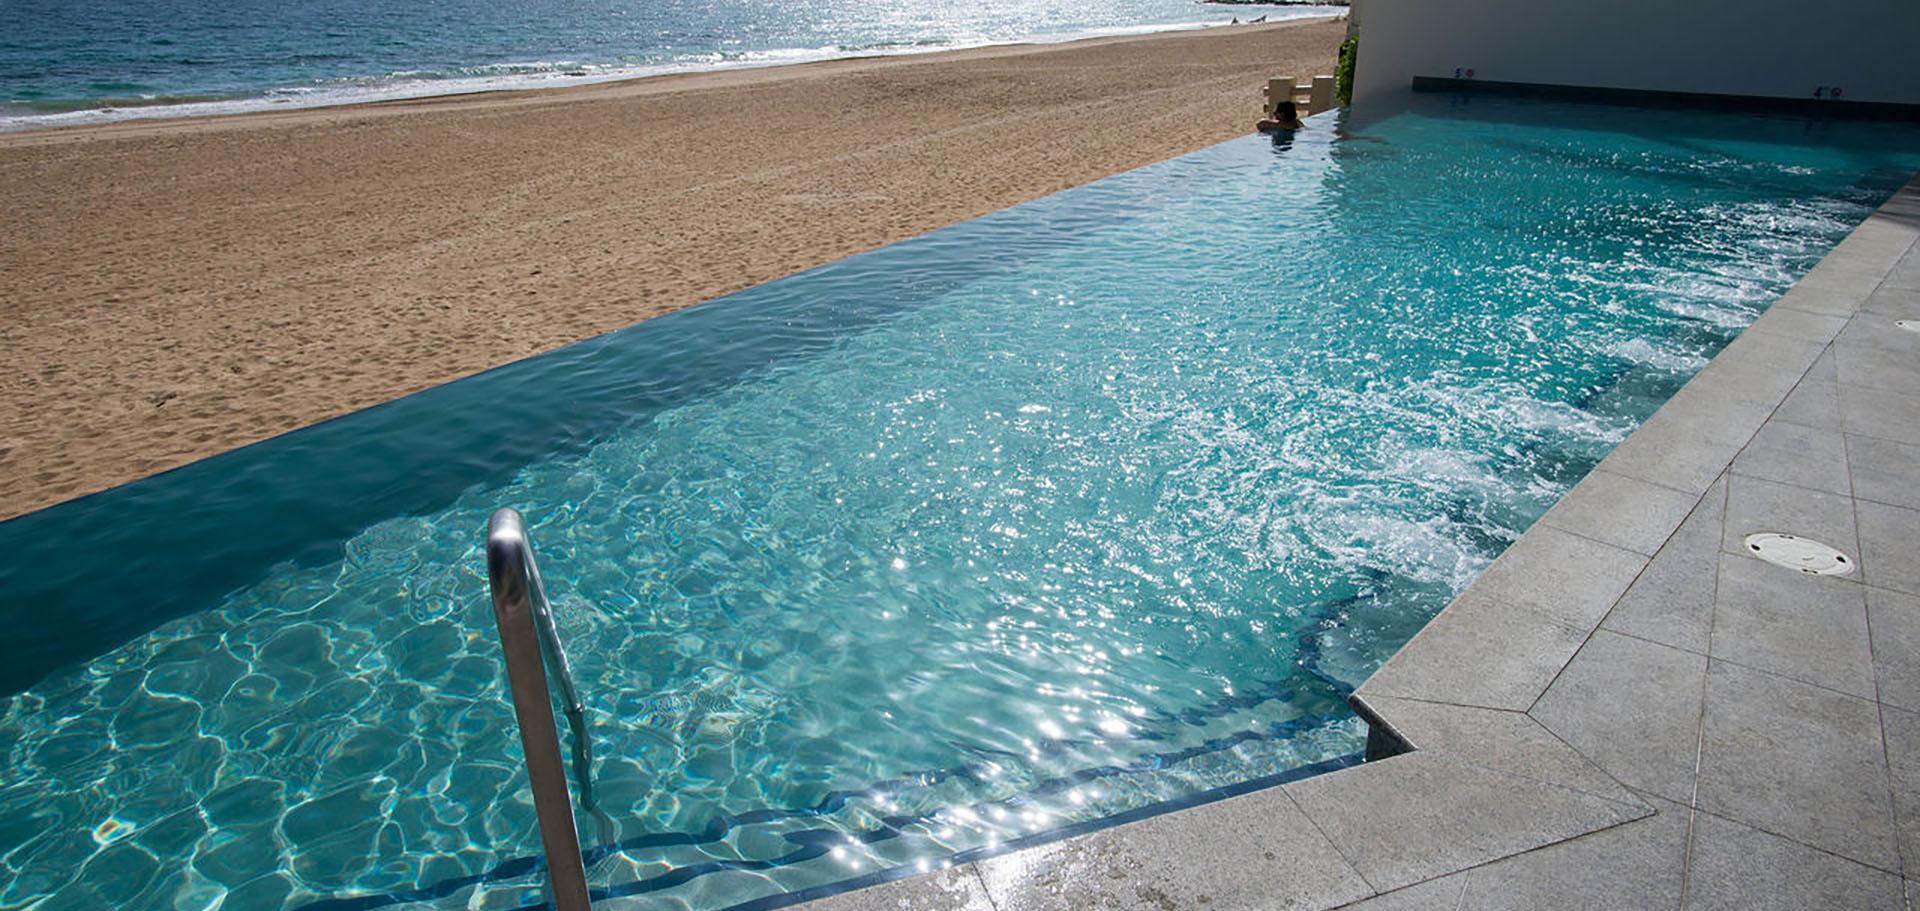 Dise a tu piscina piscinas green grey for Bordes decorativos para piscinas